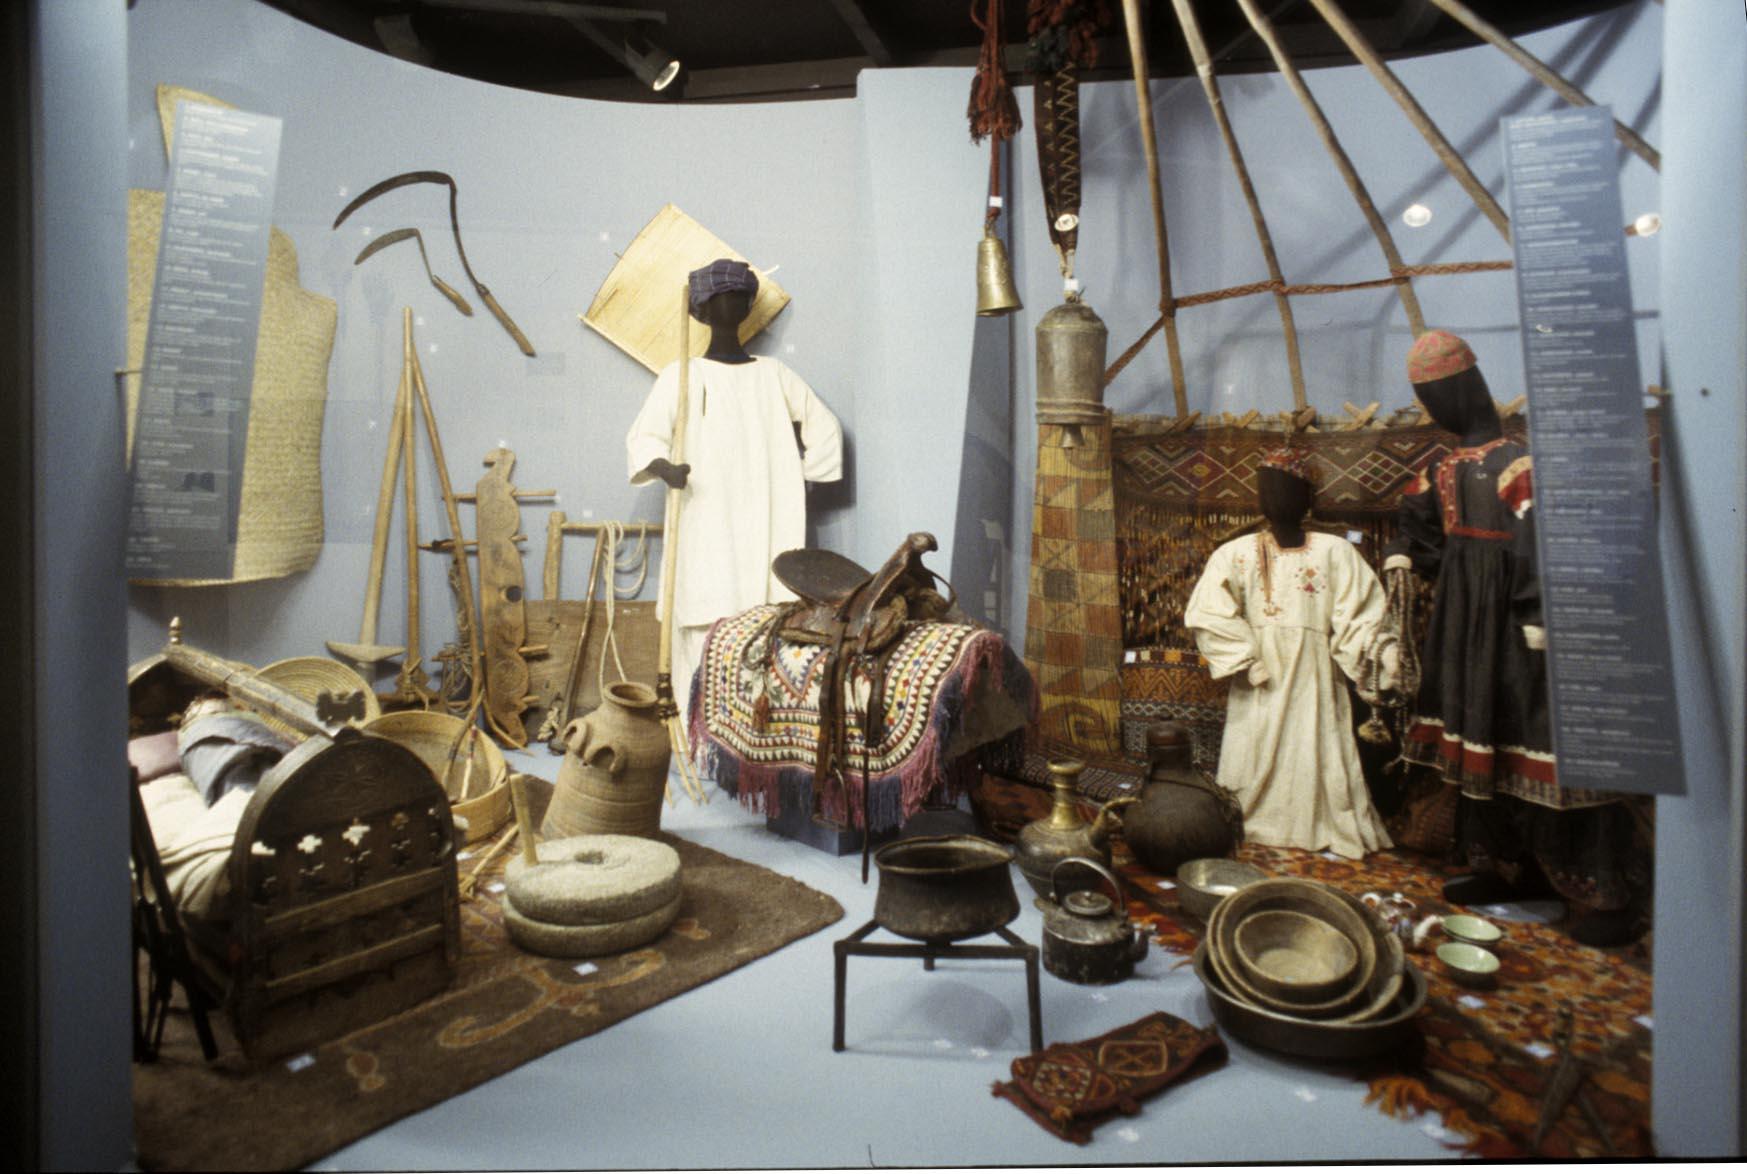 More artifacts on display. Photo: Moesgaard Museum